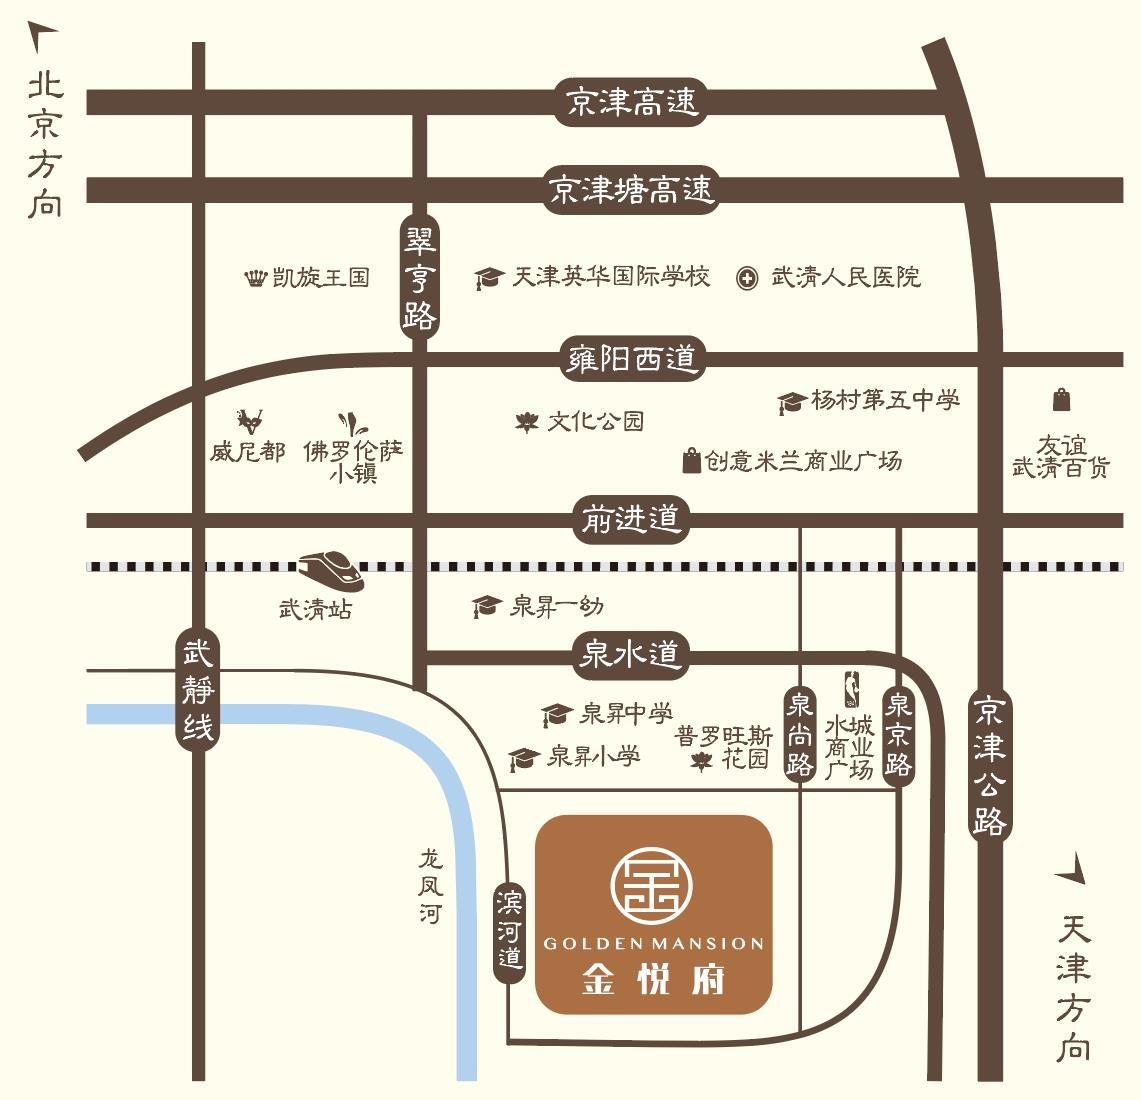 金融街金悦府交通图